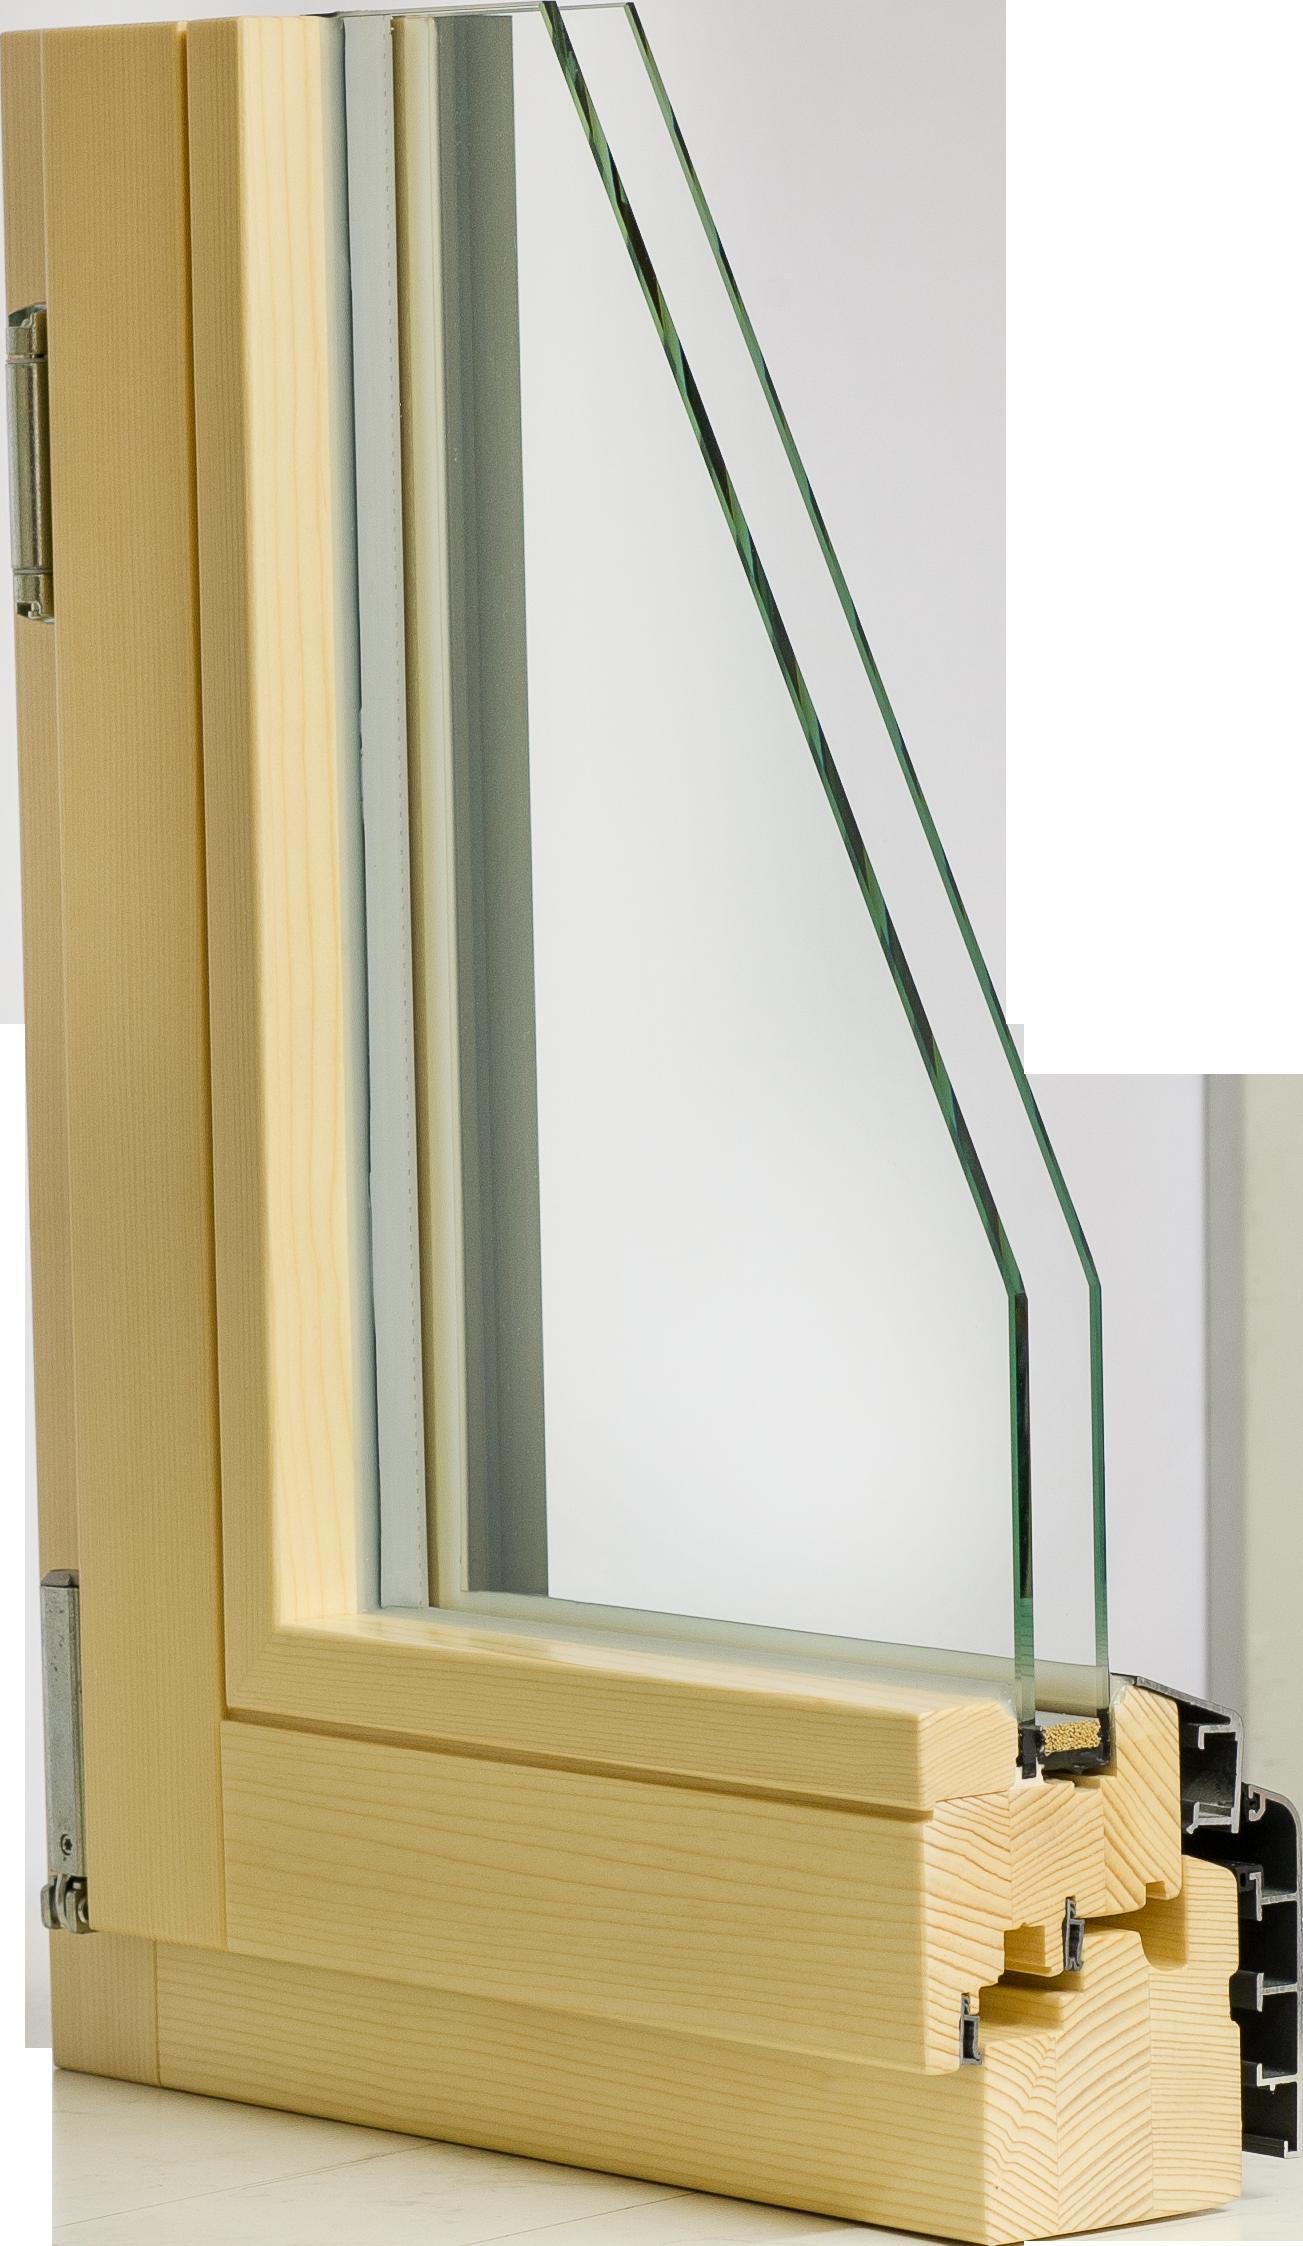 Full Size of Alu Fenster Holz Mit 2 Fach Verglasung Aufgesetzer Velux Ersatzteile Aluplast Schüco Hannover Einbruchschutz Einbauen Folie Günstig Kaufen Fenster Alu Fenster